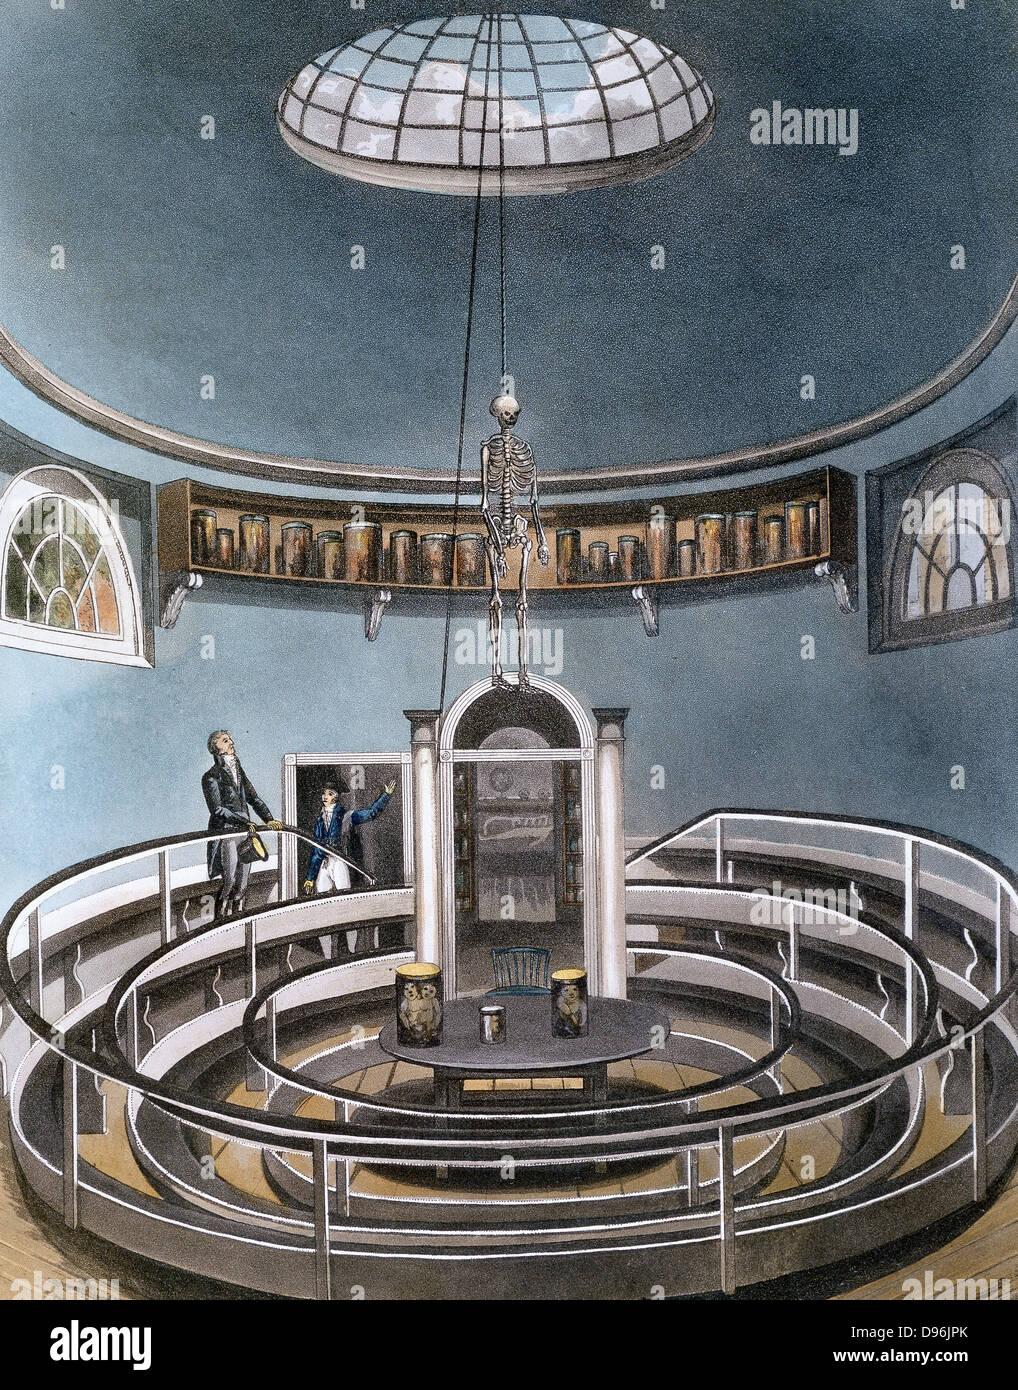 """Teatro di Anatomia' da Ackermann """" La storia dell'Università di Cambridge, Londra. 1815. La puntasecca Immagini Stock"""